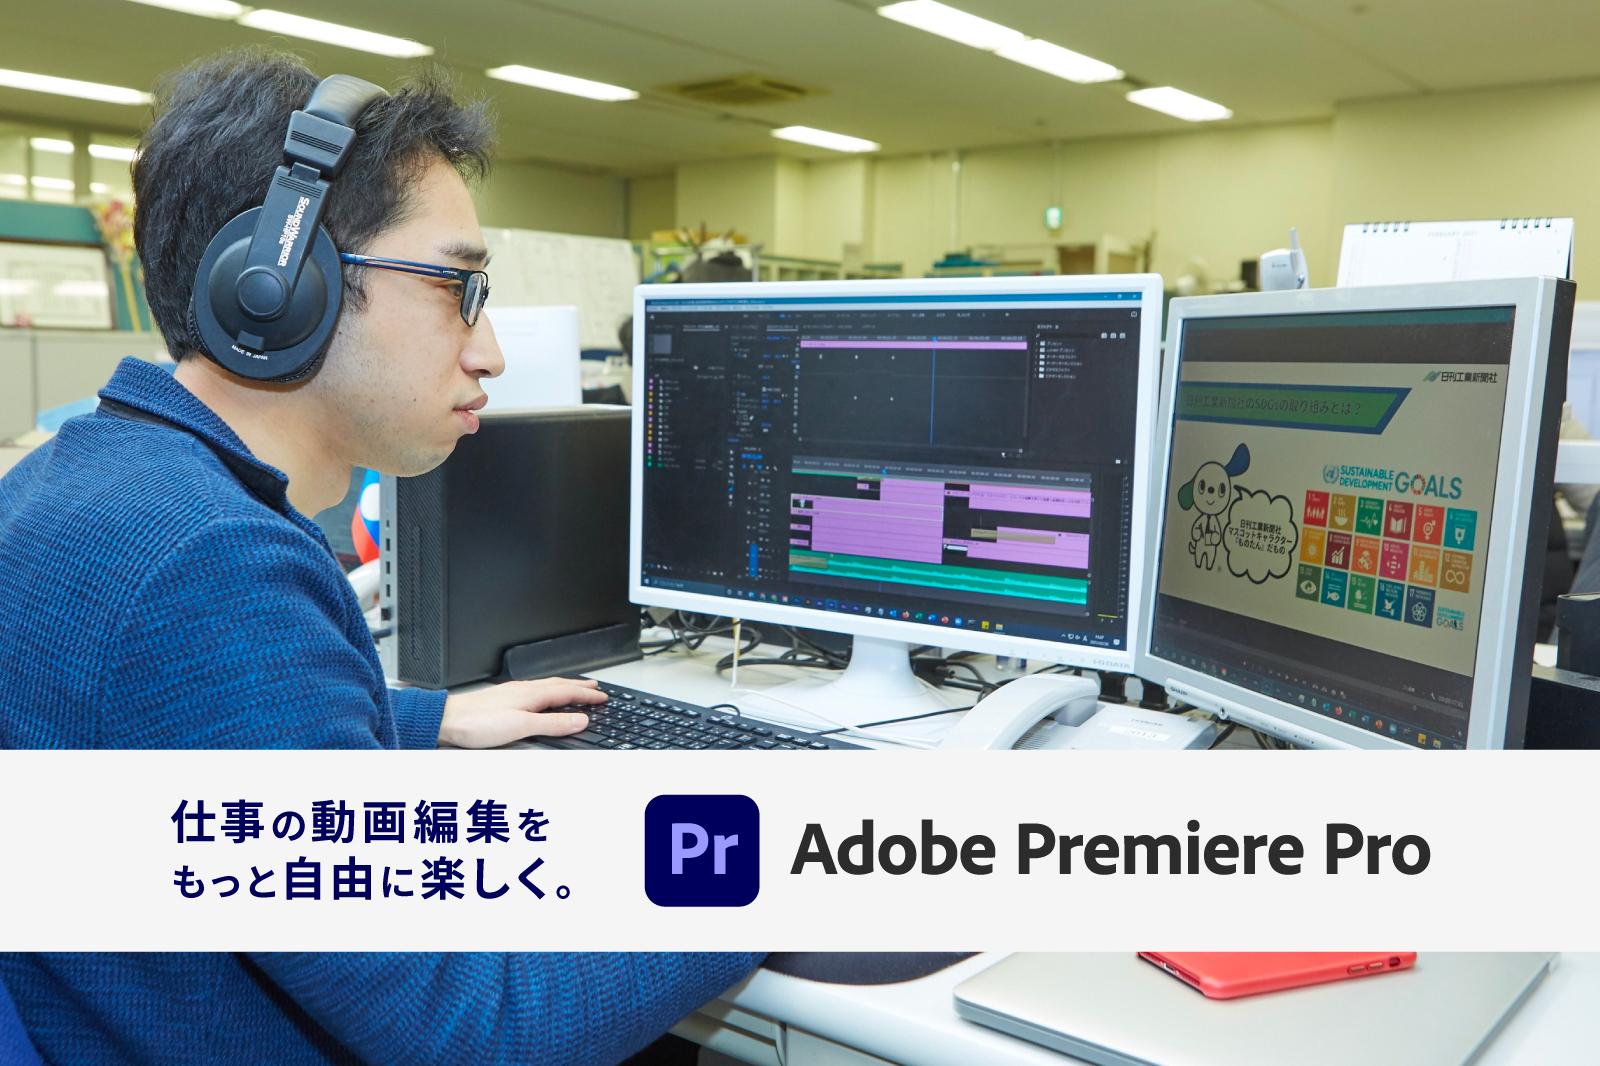 動画編集はもっと自由に楽しく。クリエーターに寄り添うAdobe Premiere Pro